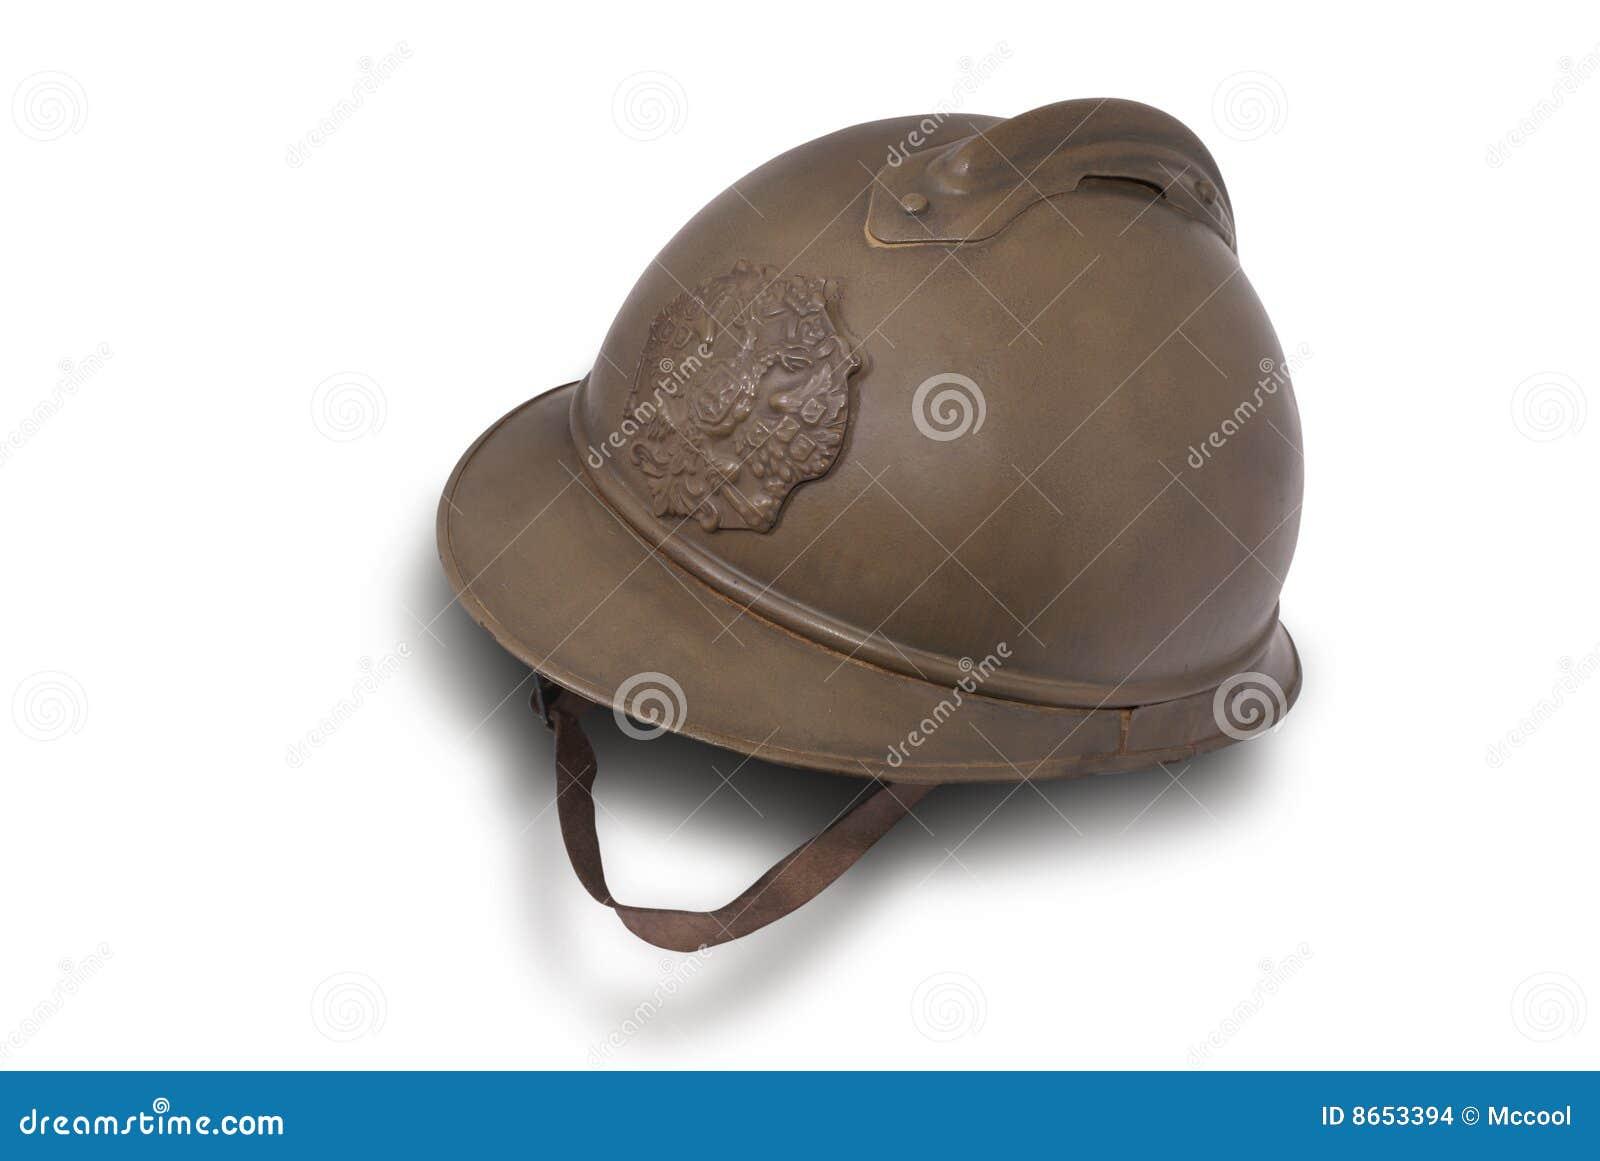 Battle helmet of Russian shock troops at WW1.